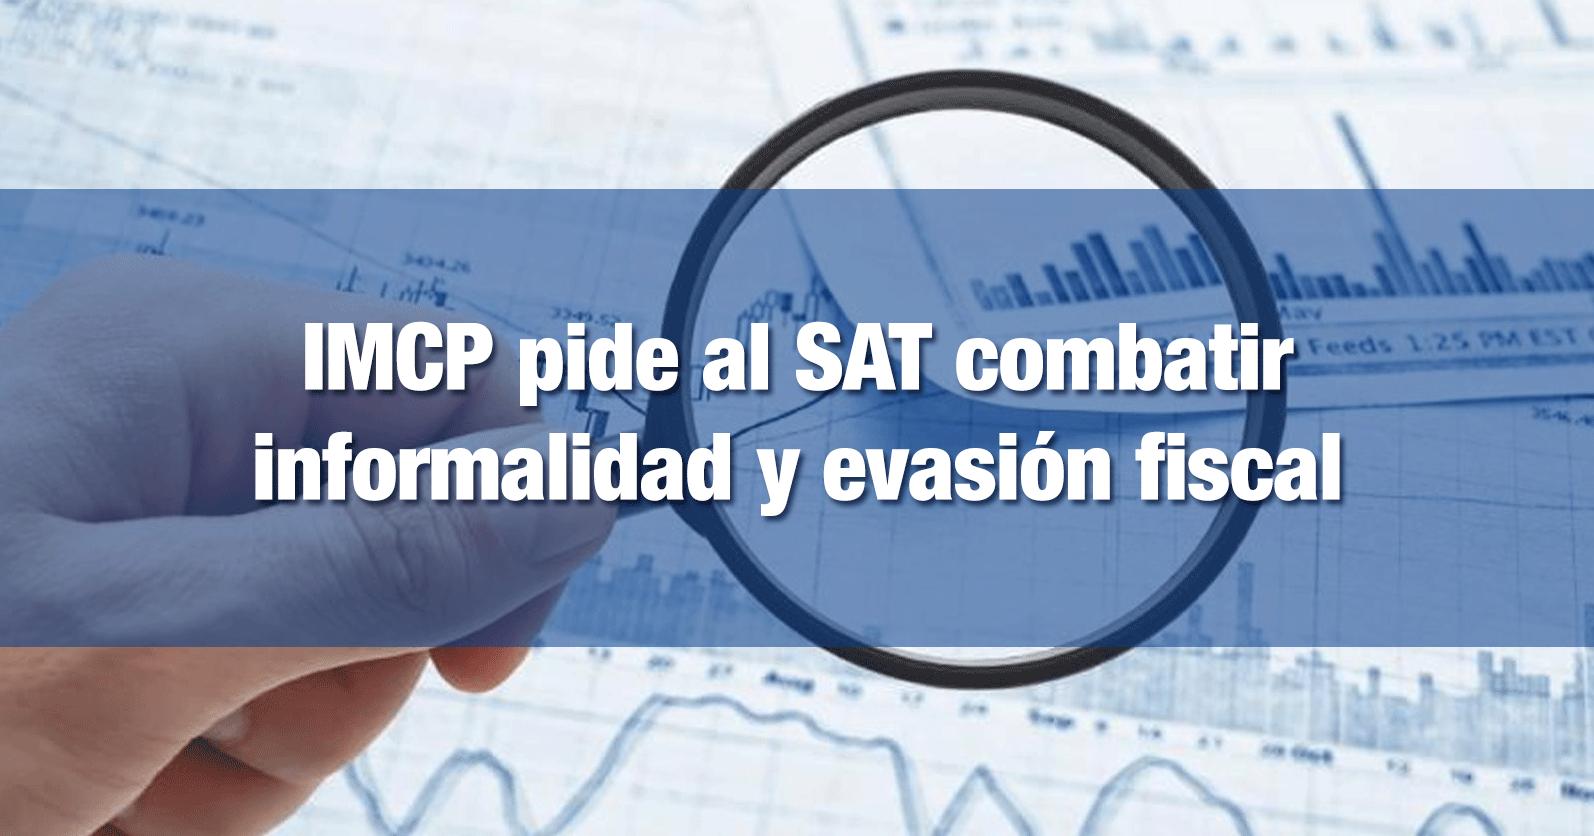 IMCP pide al SAT combatir informalidad y evasión fiscal